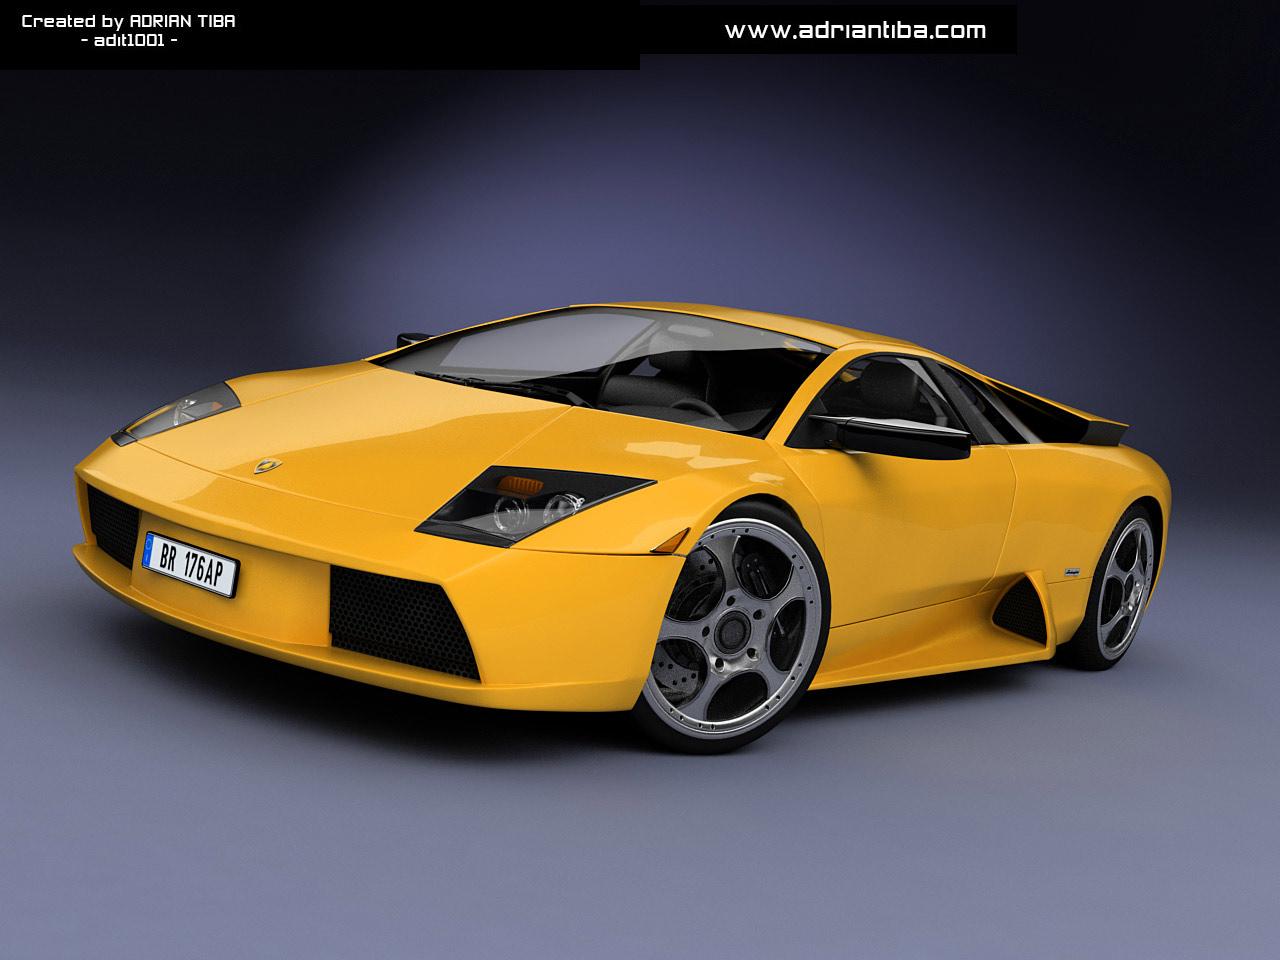 3d Wallpapers Lamborghini Wallpapers: 3D Car Wallpapers